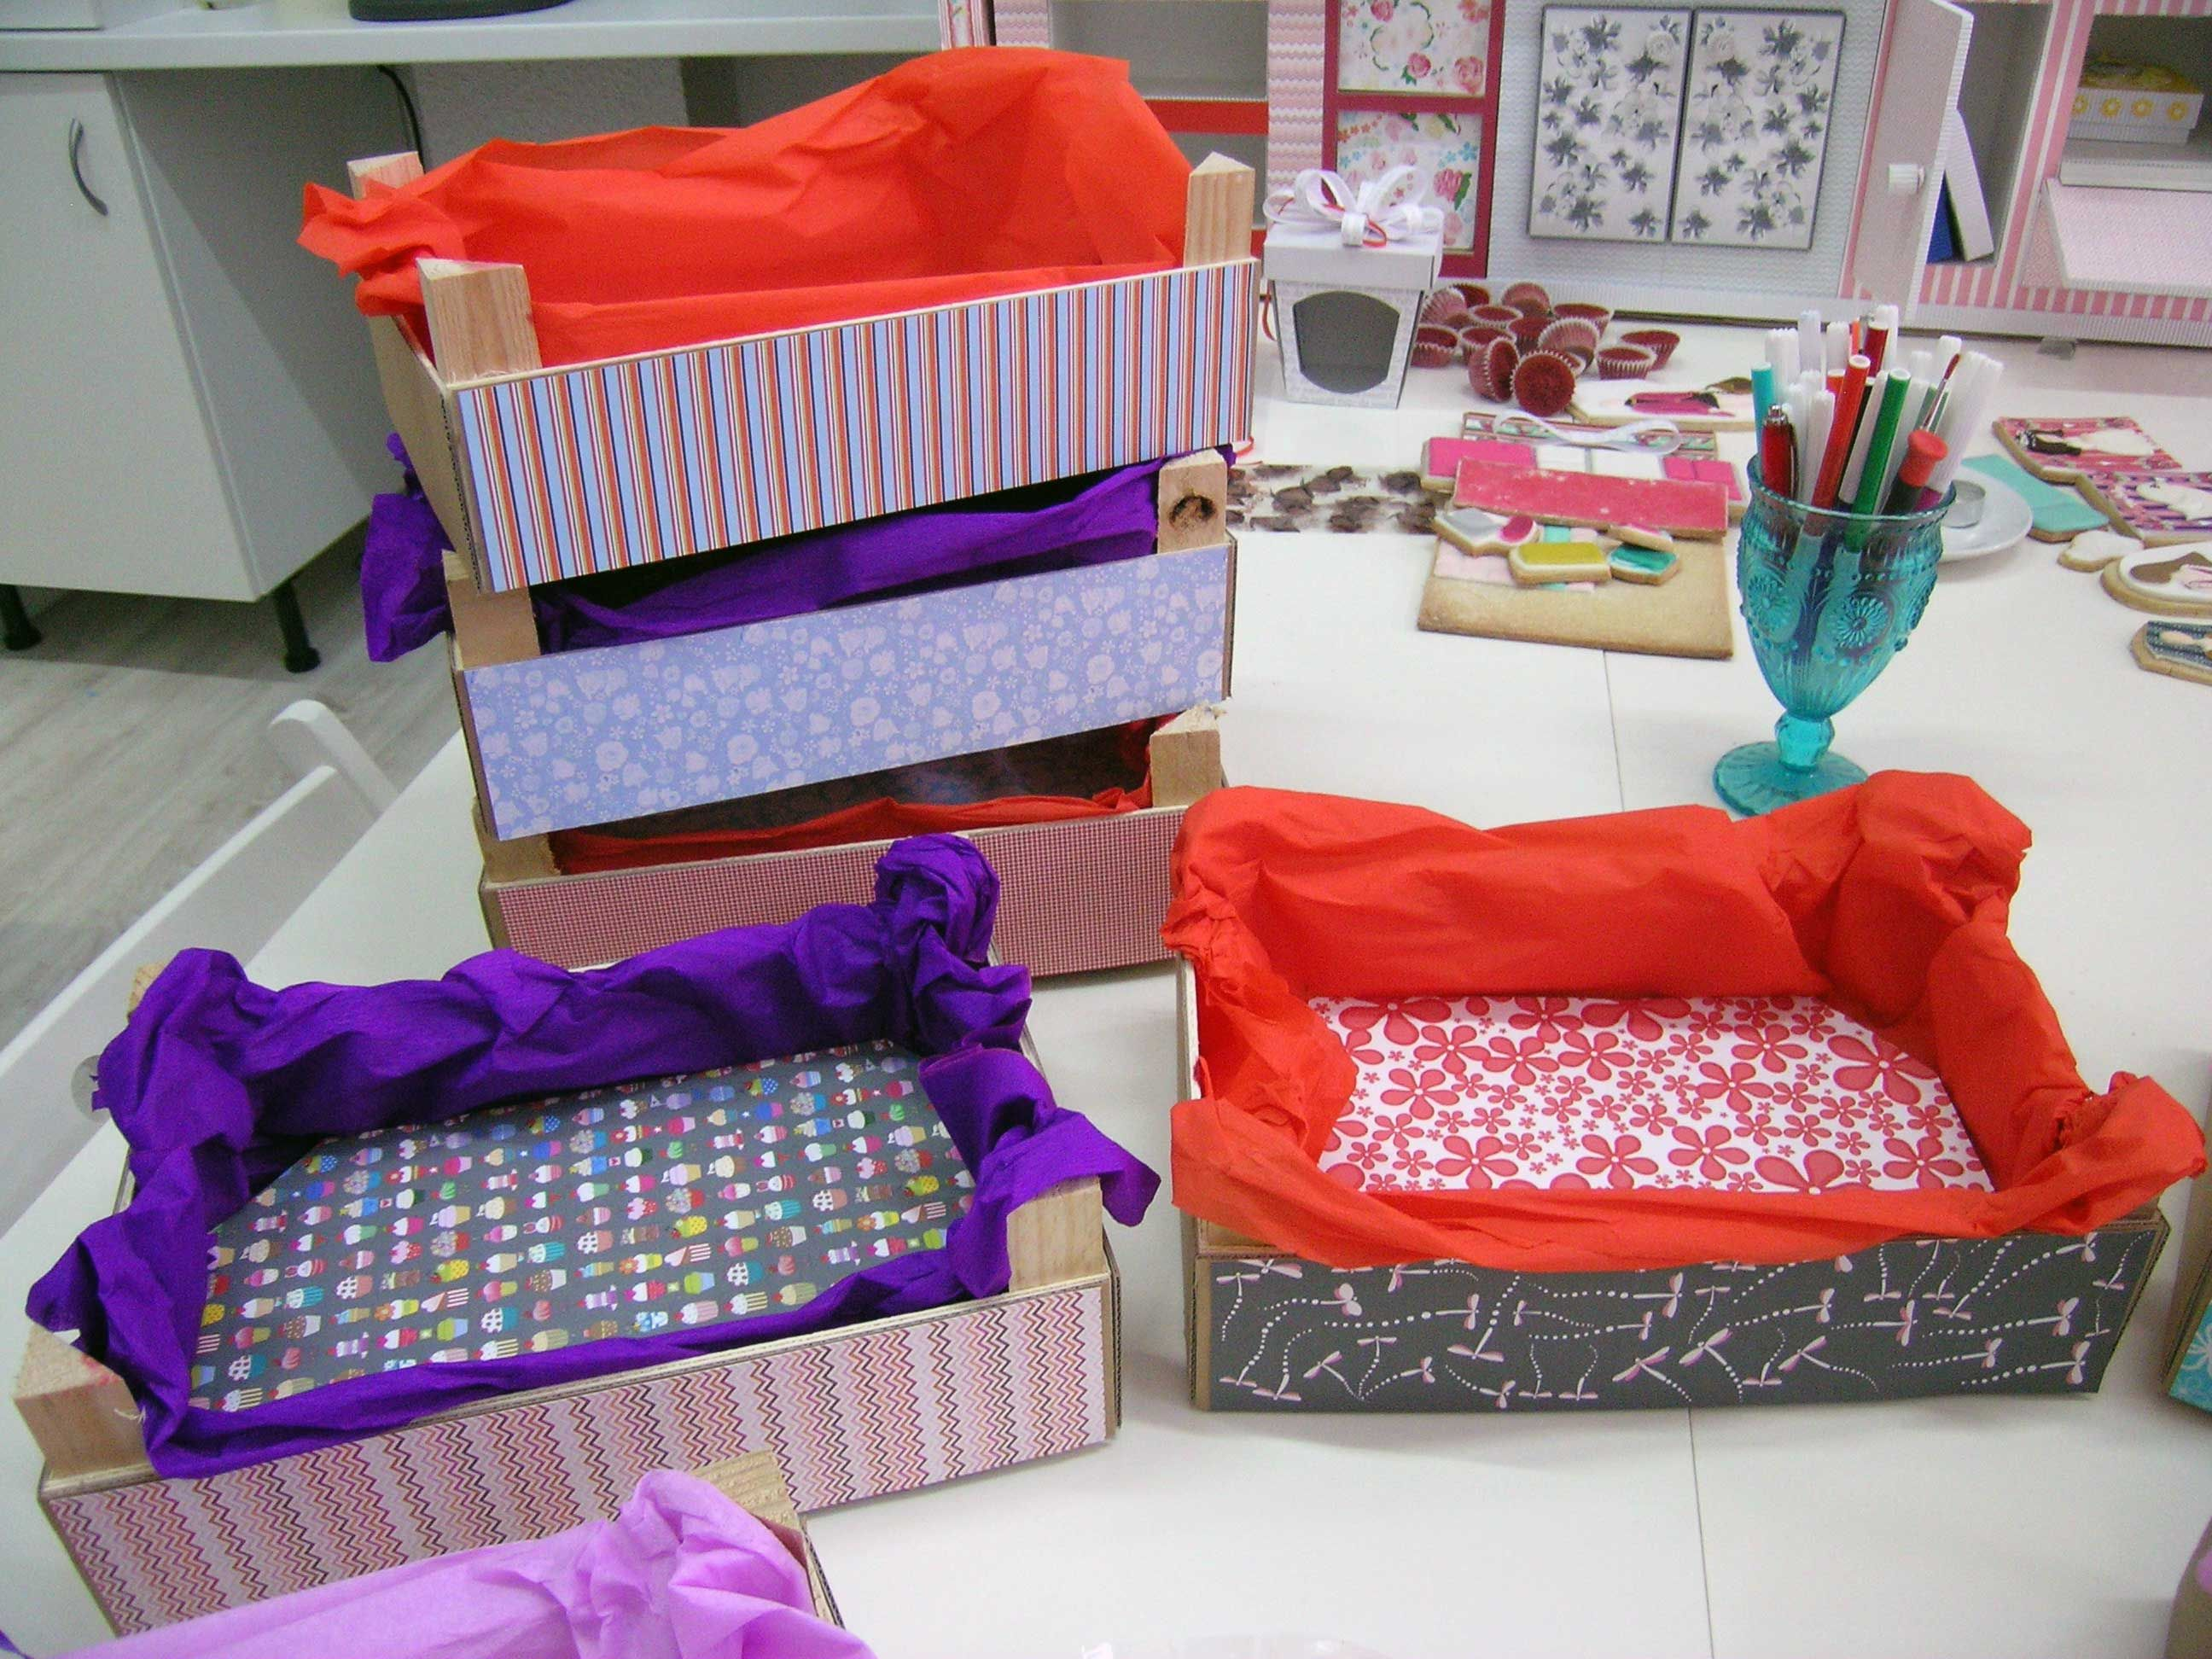 Cajas de fresas decoradas cerca amb google caixes - Cajas de fresas decoradas paso a paso ...